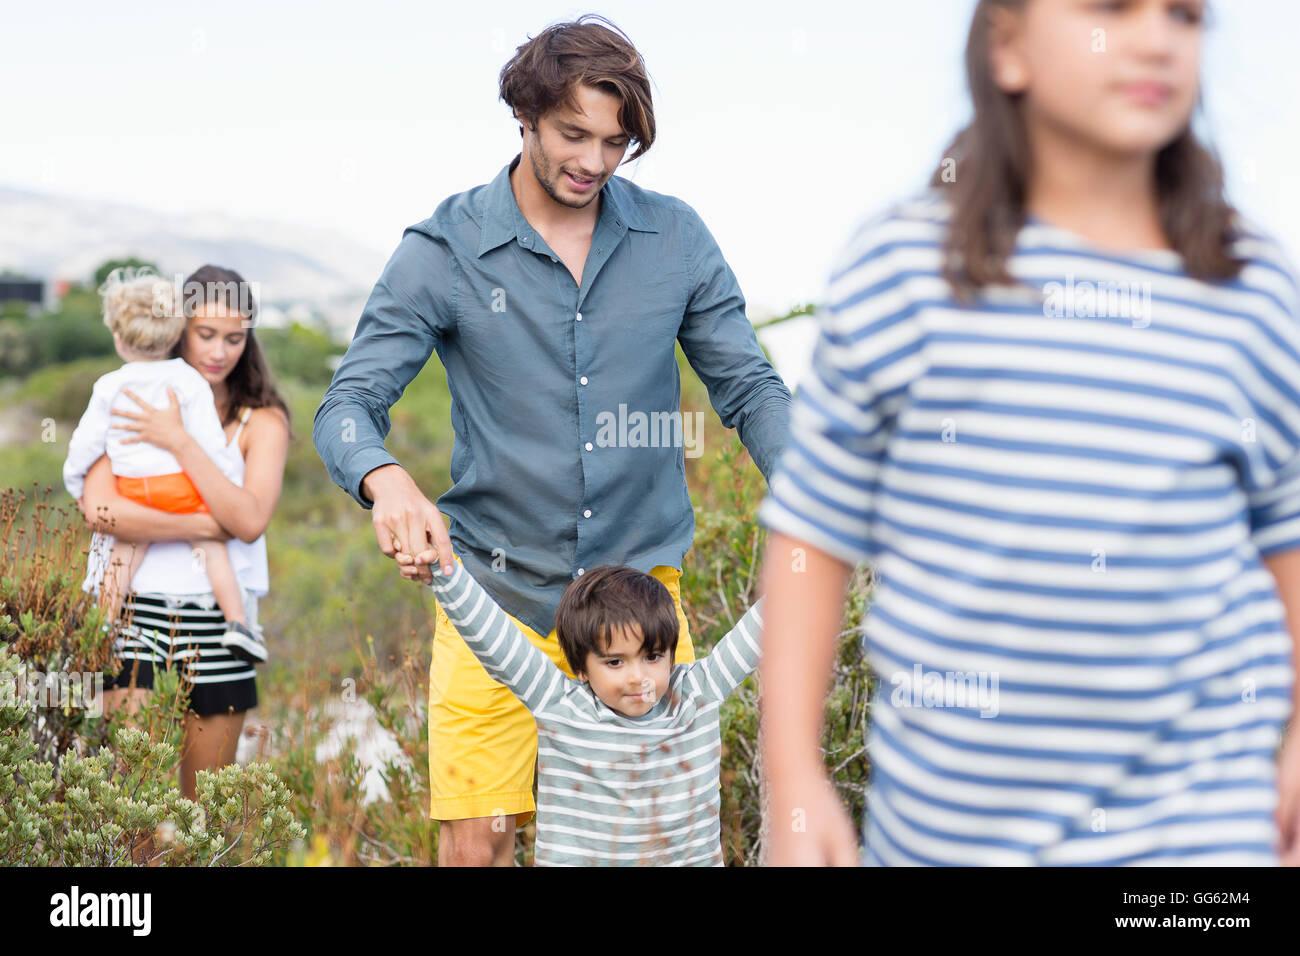 Familie gehen auf einer Wiese Stockbild